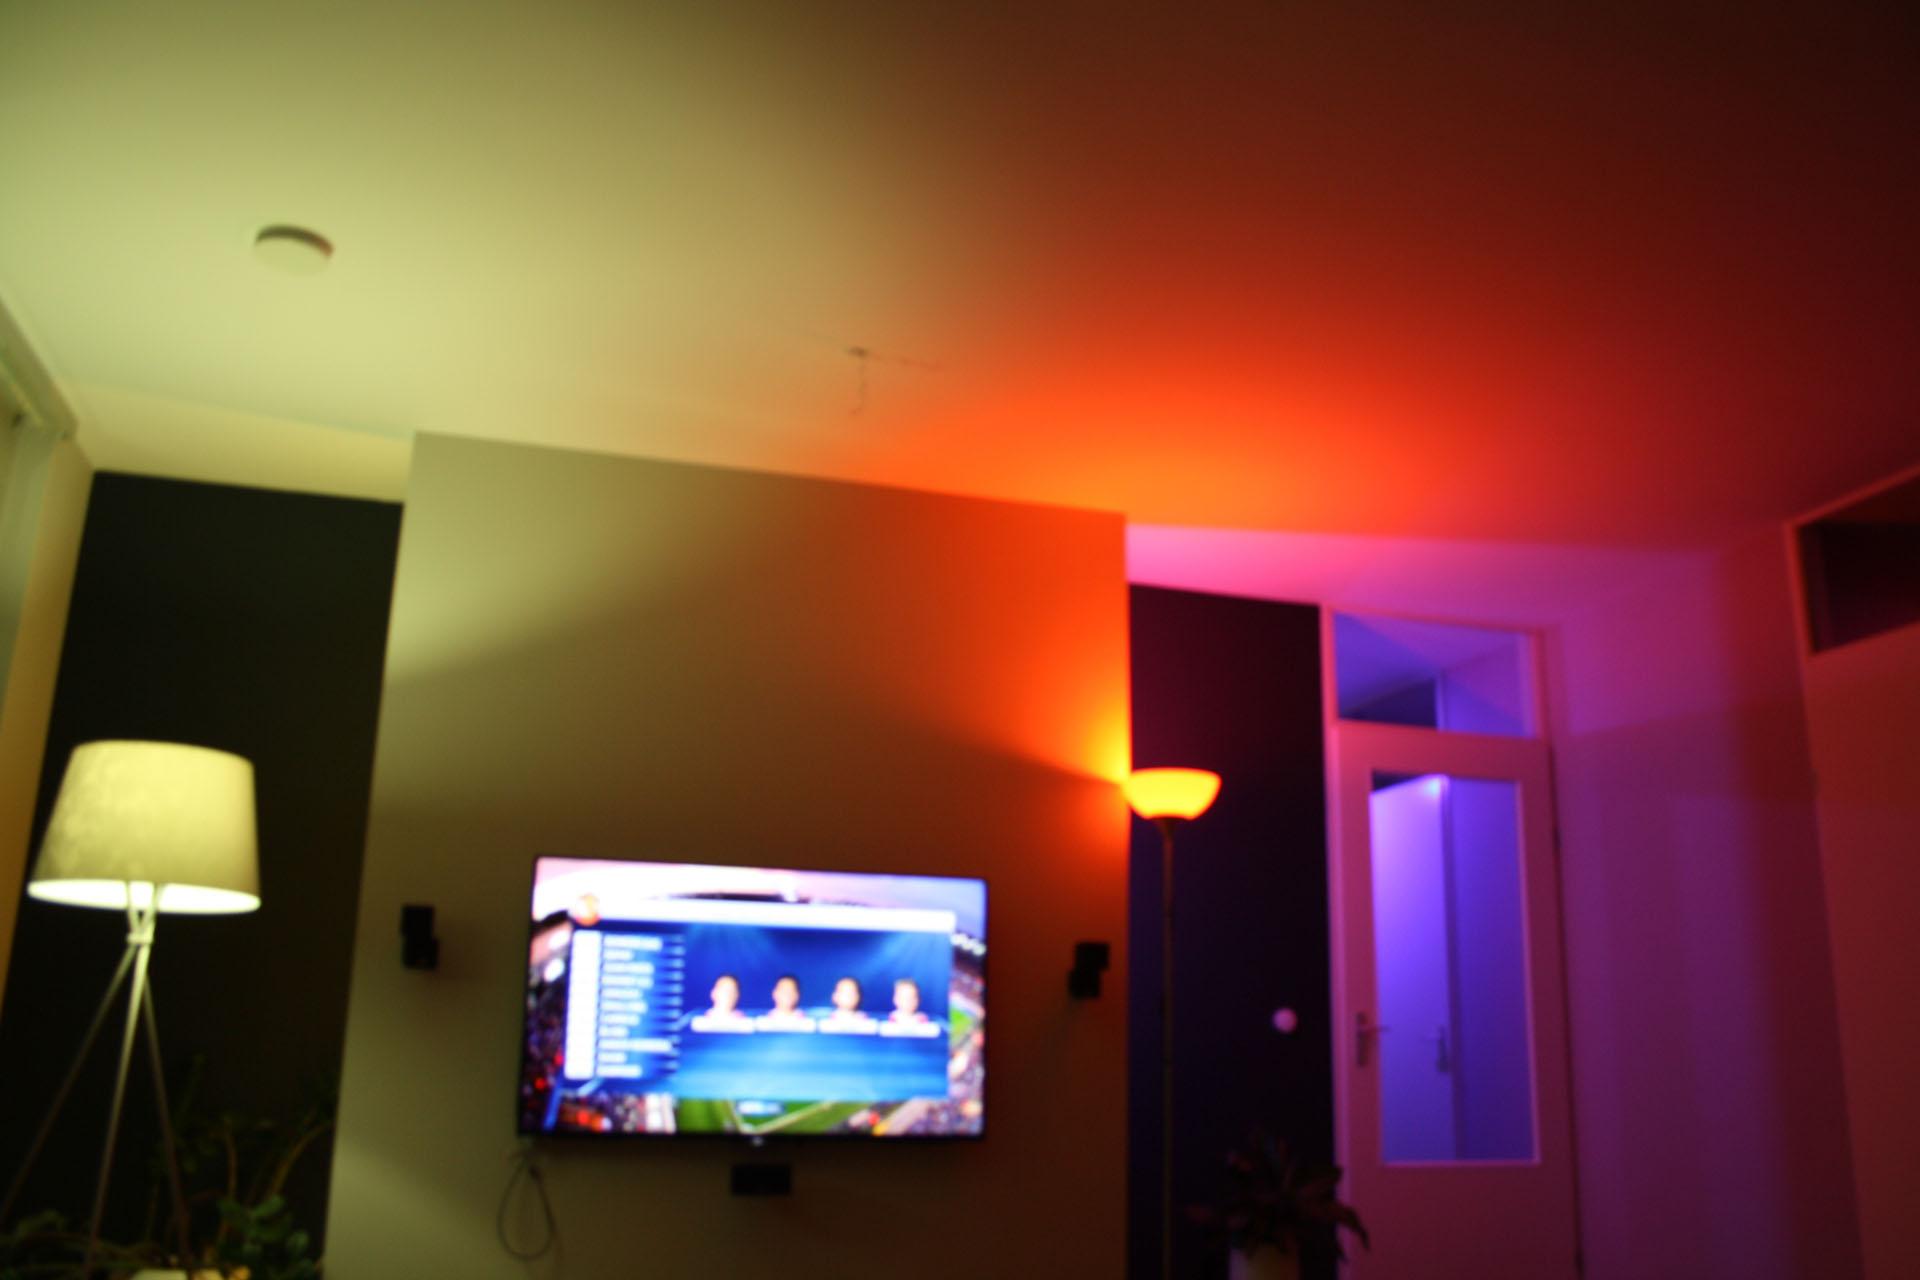 Verlichting in kleur - Philips Hue - Domotica Center